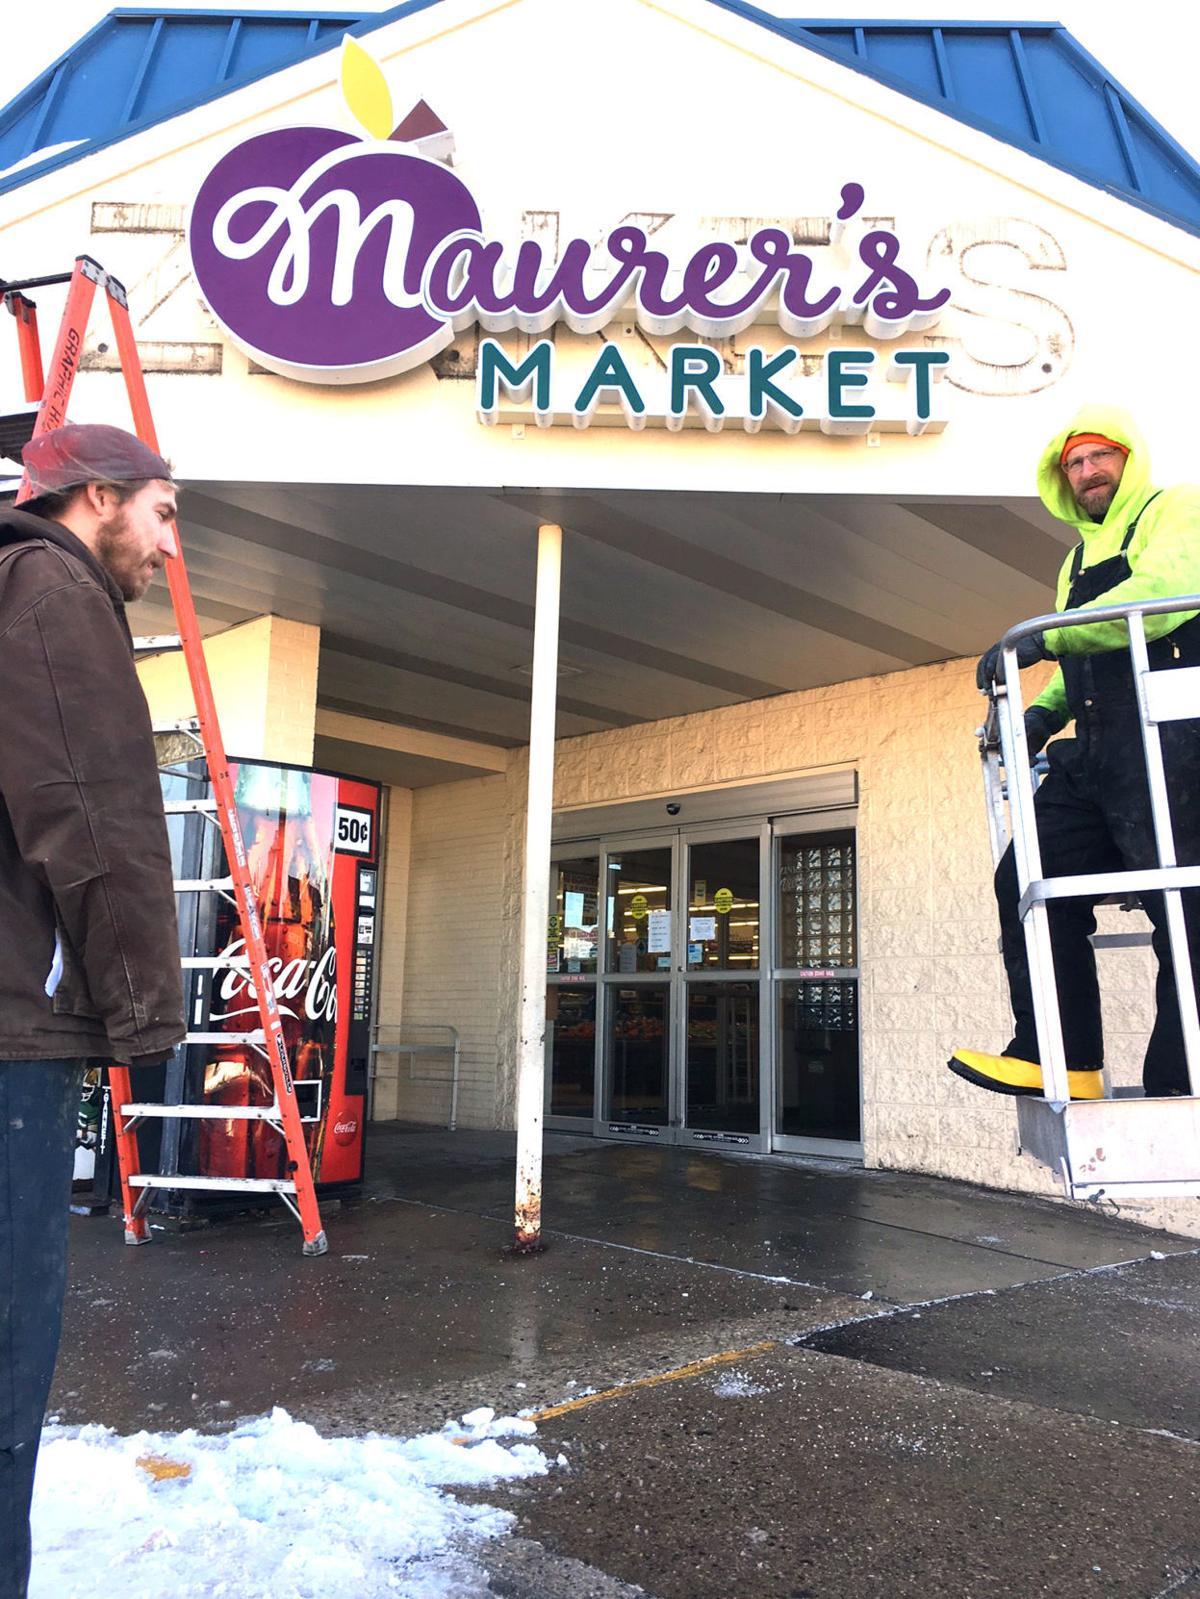 Maurer's Market (copy)